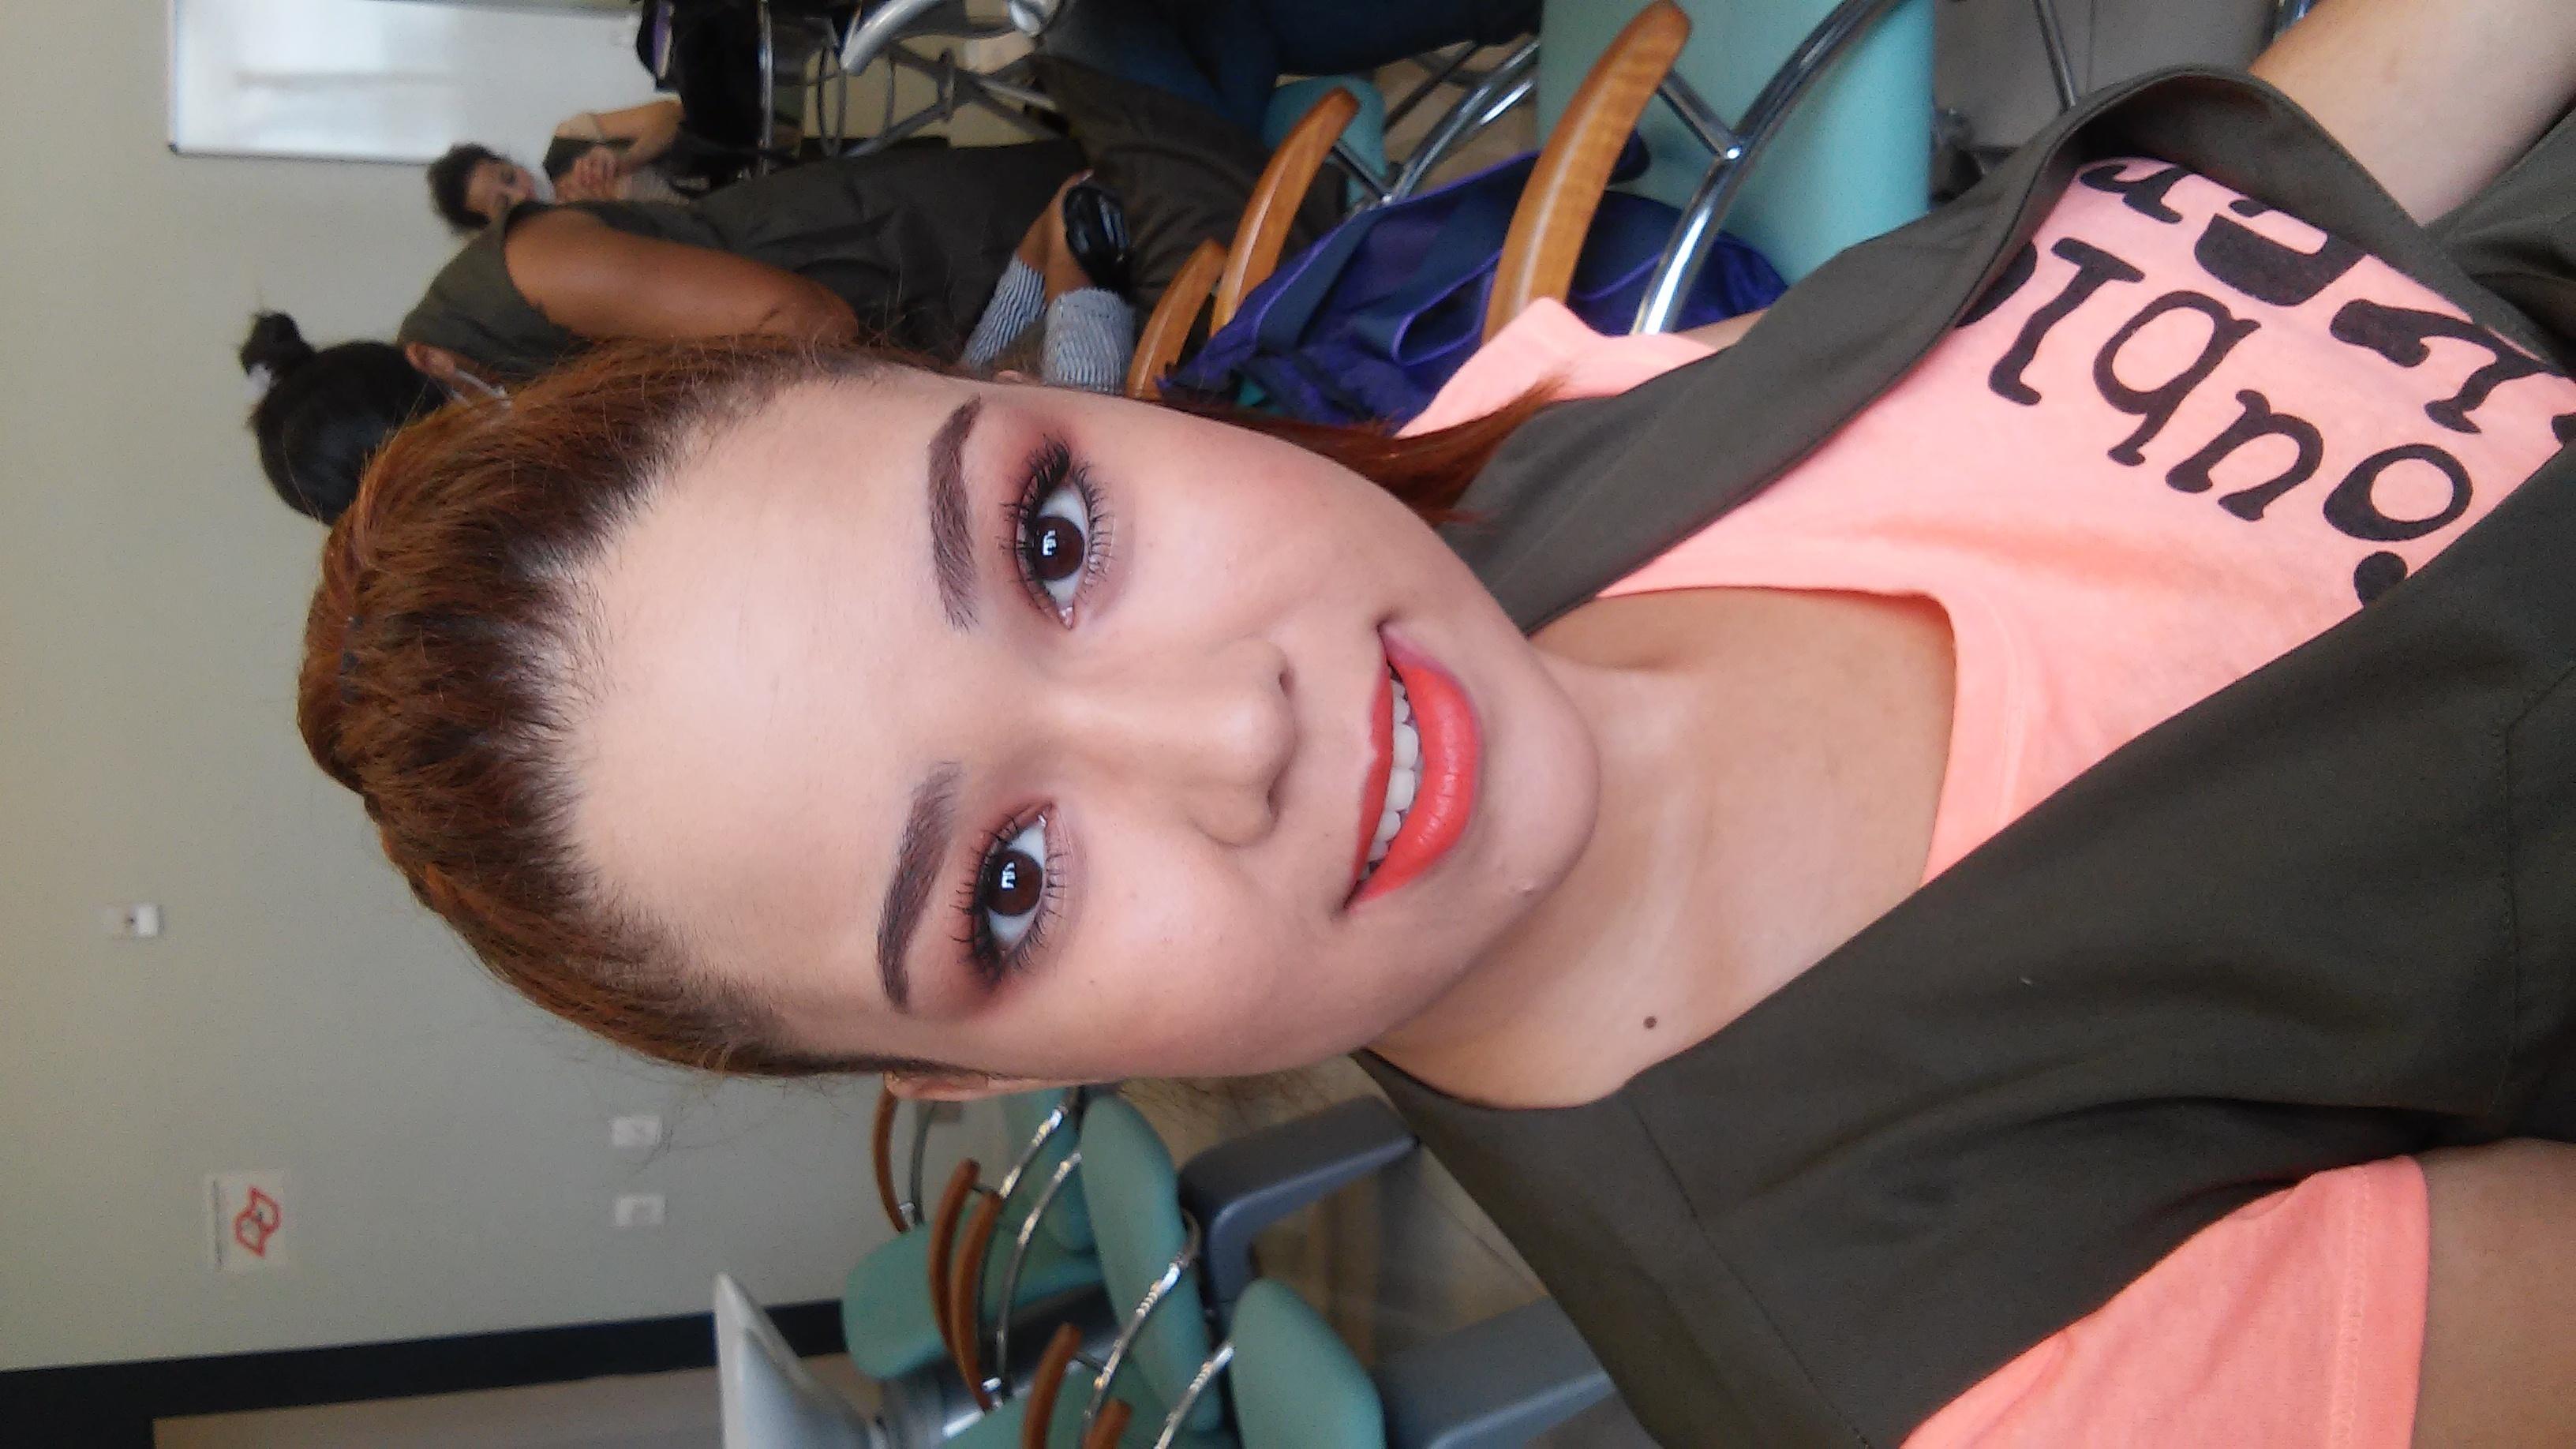 Maquiagem Social Foi feita uma maquiagem social, mais básica, com tons leves por ser um evento no período da manhã. esteticista maquiador(a)